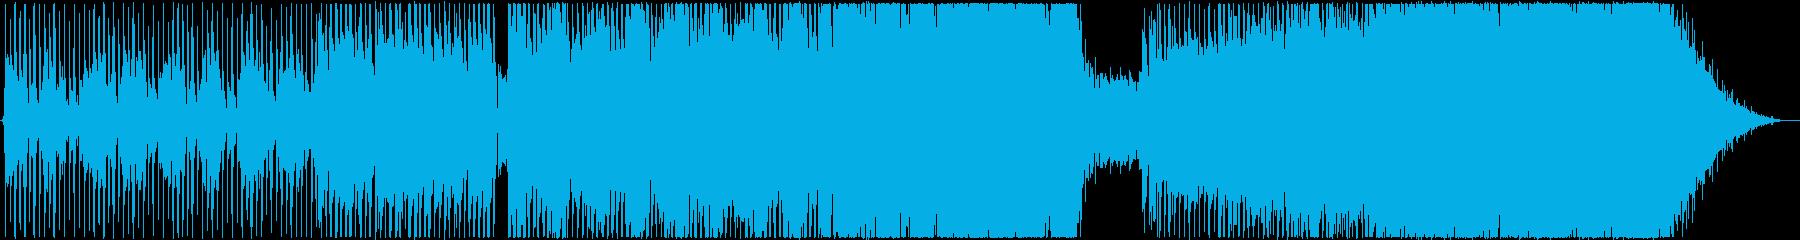 行列の再生済みの波形